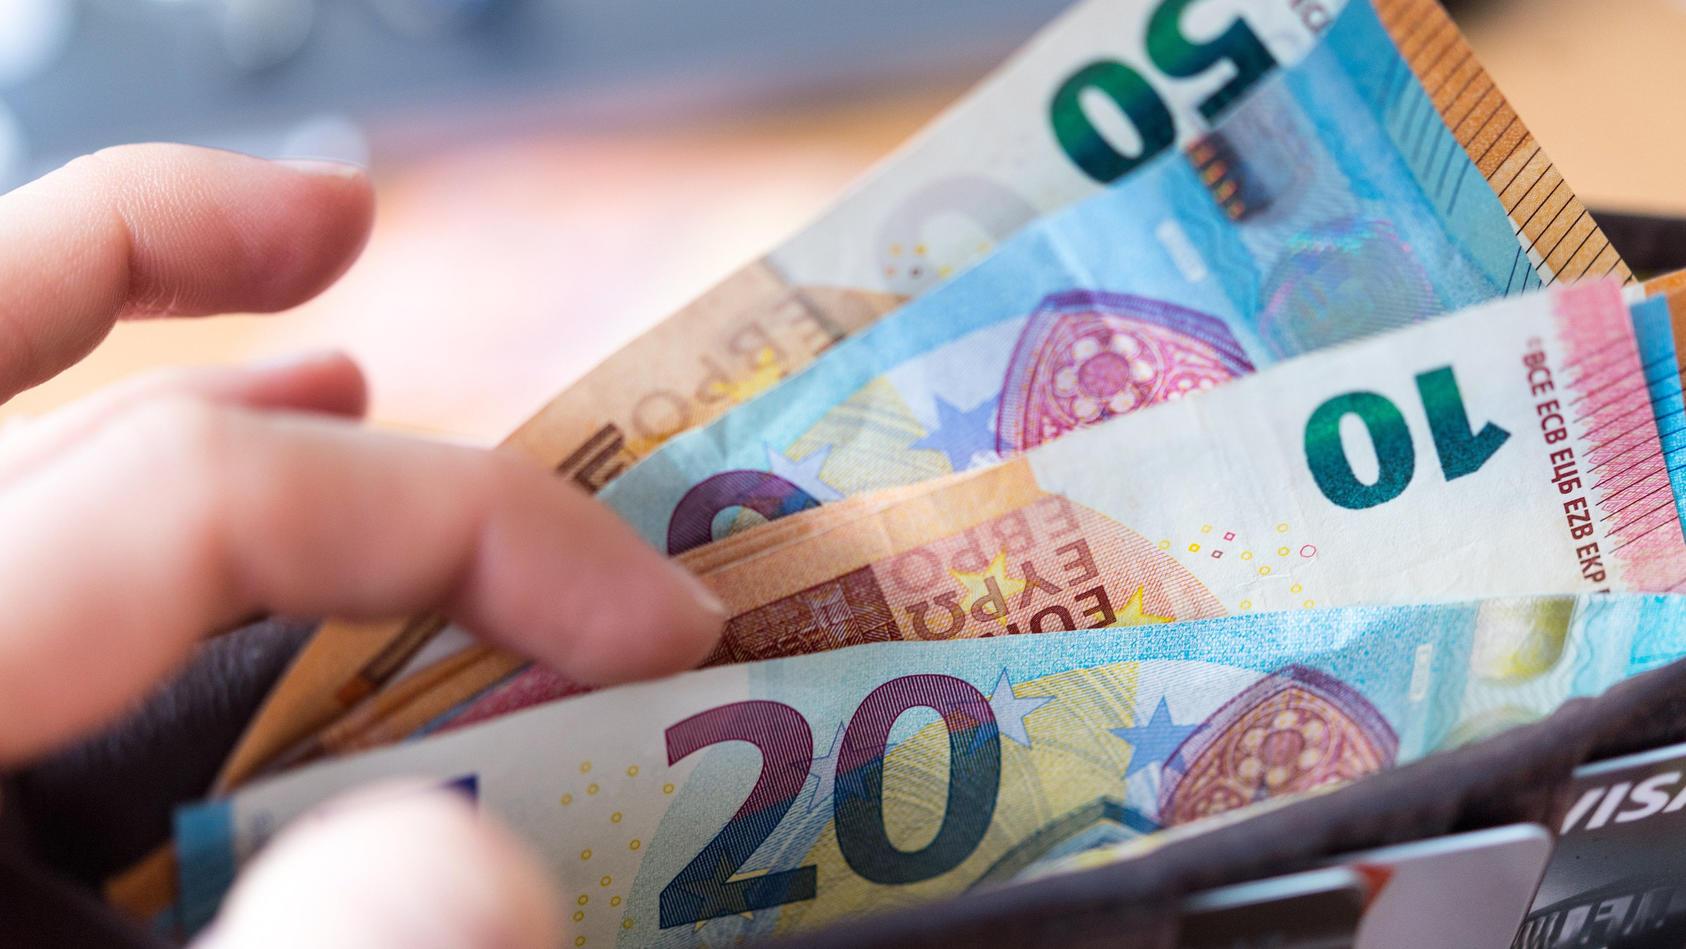 Immer weniger Verbracher bezahlen bevorzugt mit Geldscheinen.